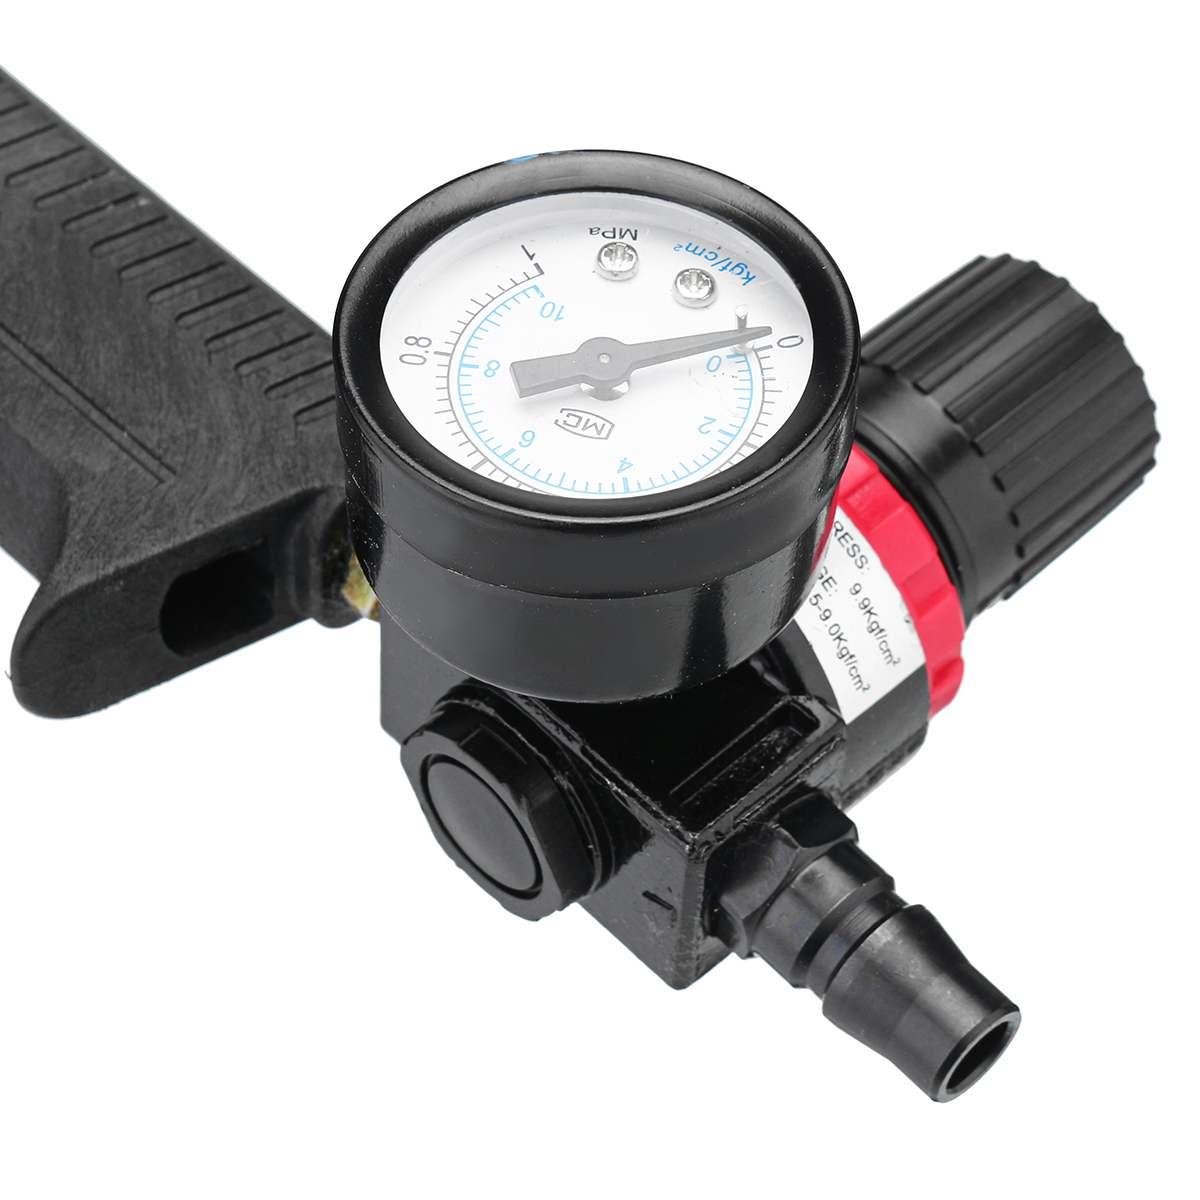 310 ML Pistolet à Calfeutrer à Air/Cartouche Pneumatique Distributeur Mastic Silicone Applicateur Collage De Verre Outil Voiture Fenêtre Kit D'entretien - 5